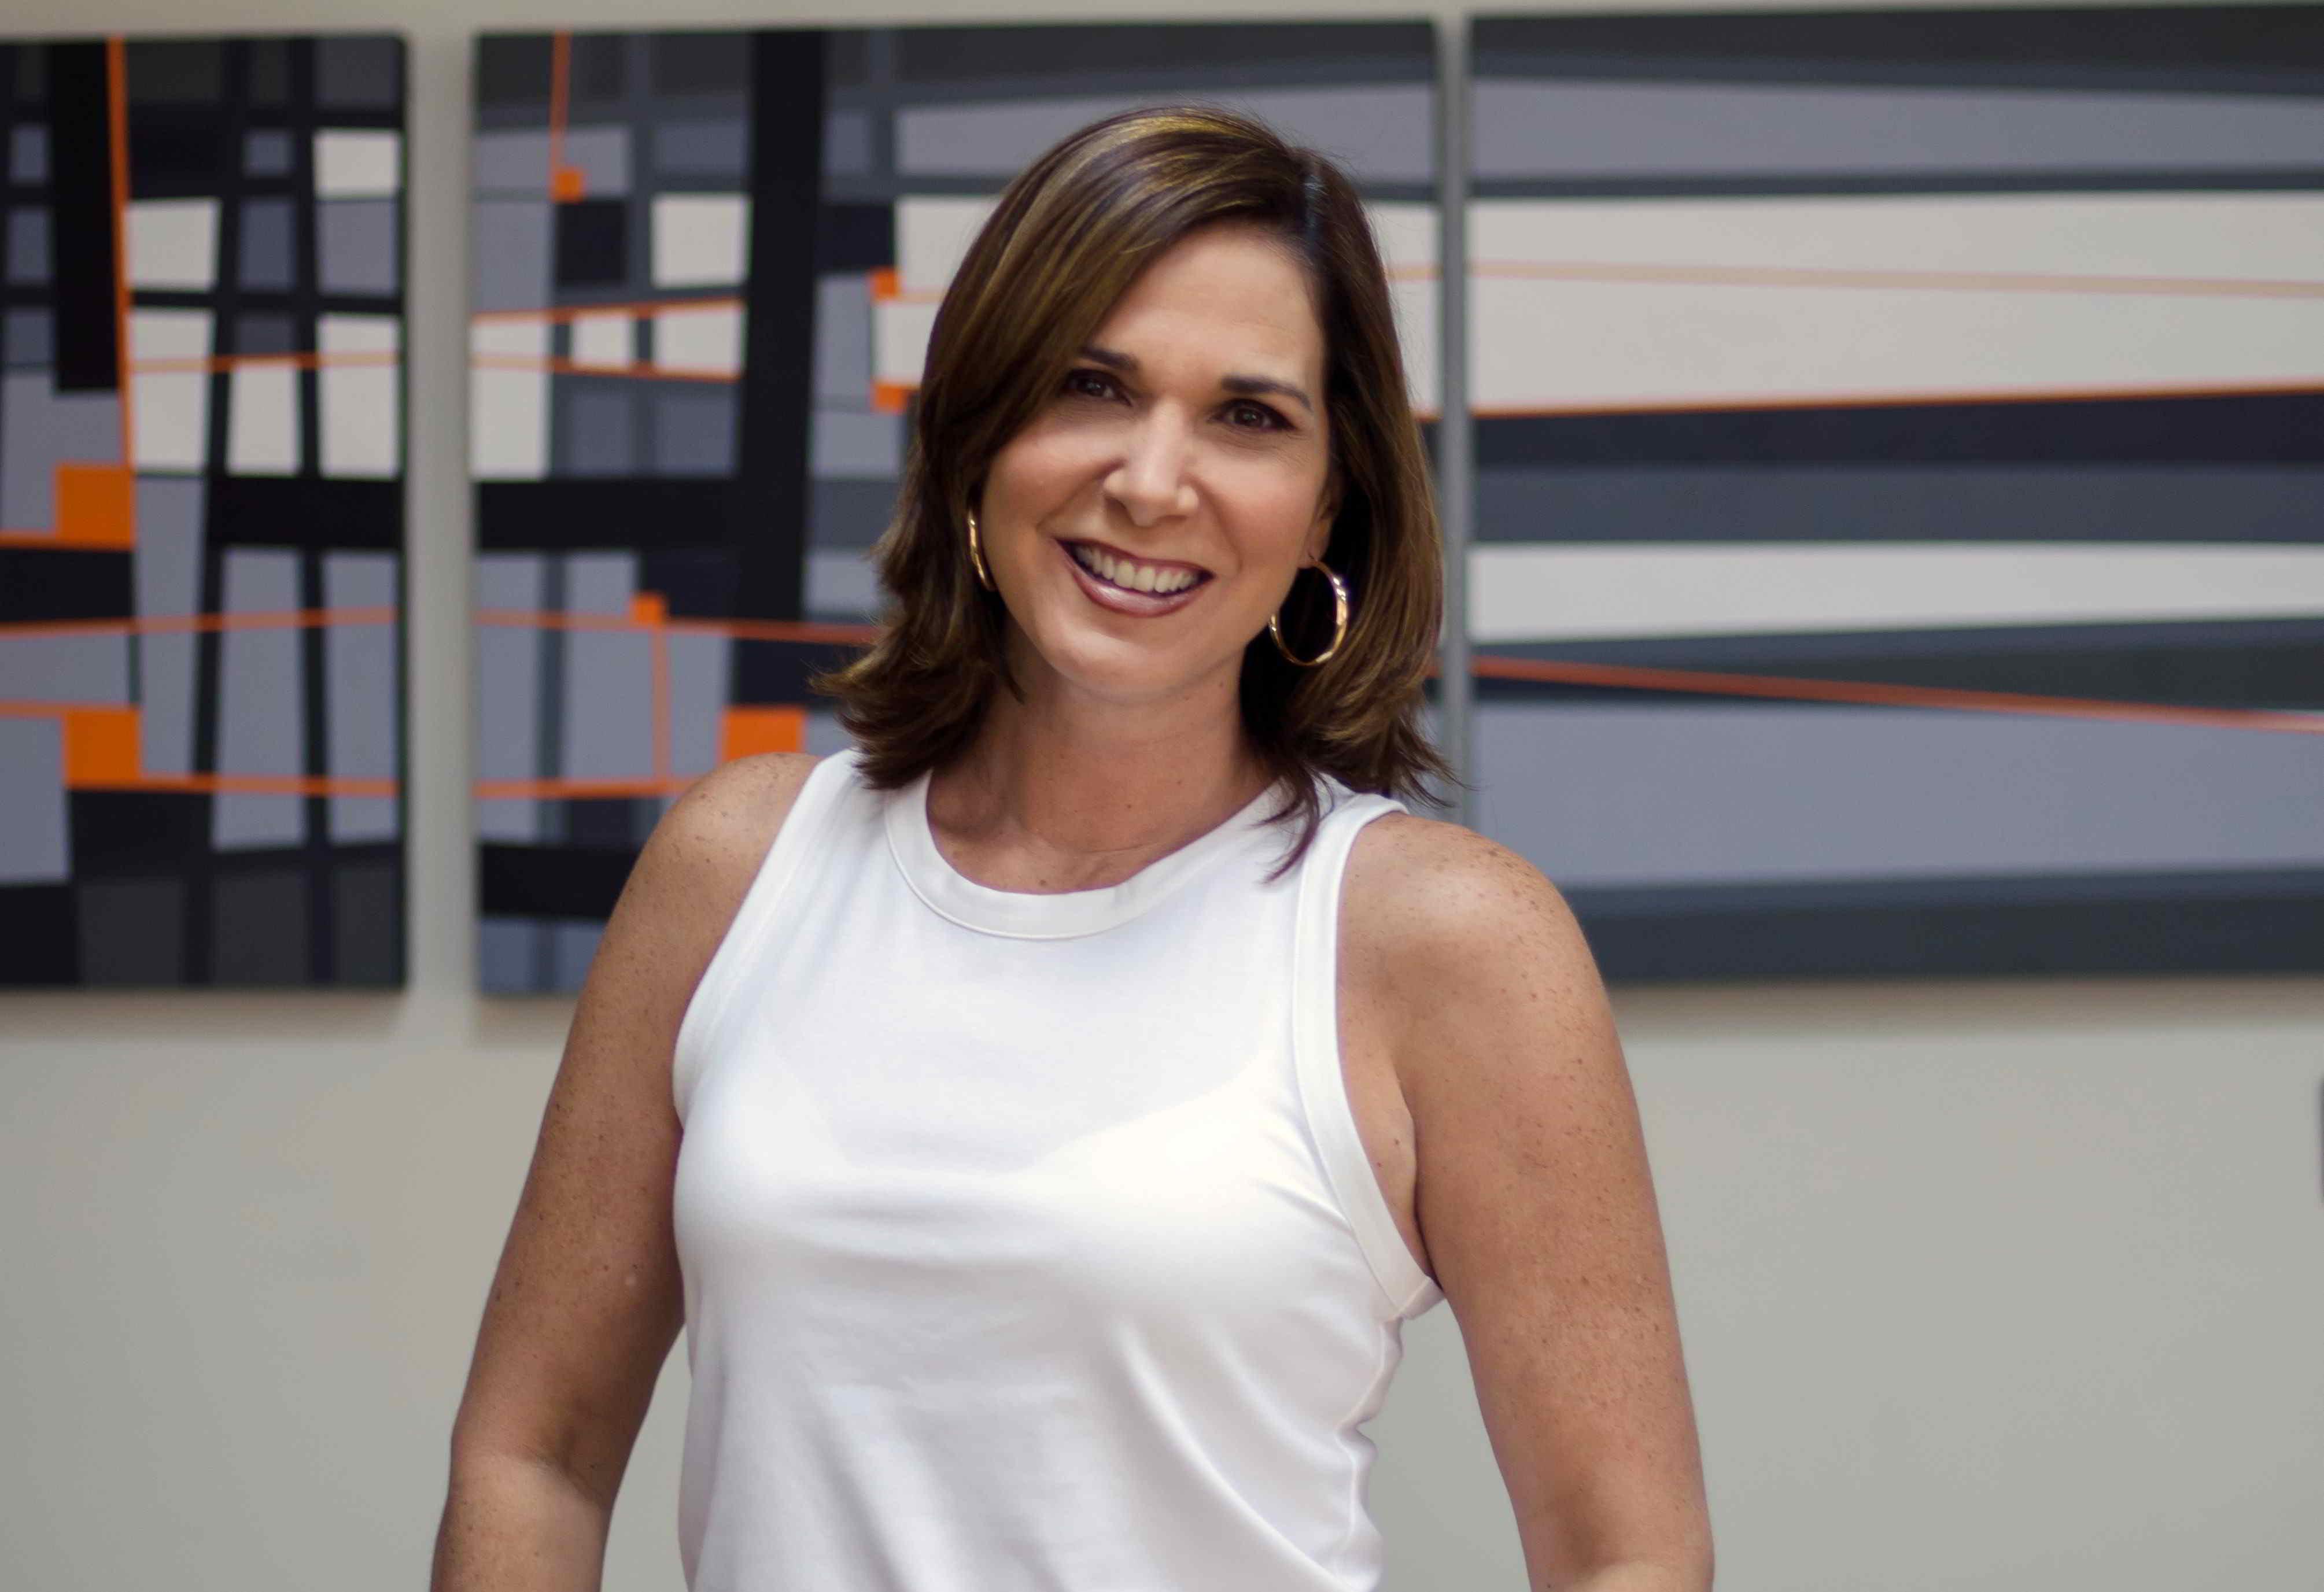 El sello de Gladys Rodríguez es hacer periodismo para servir a la gente